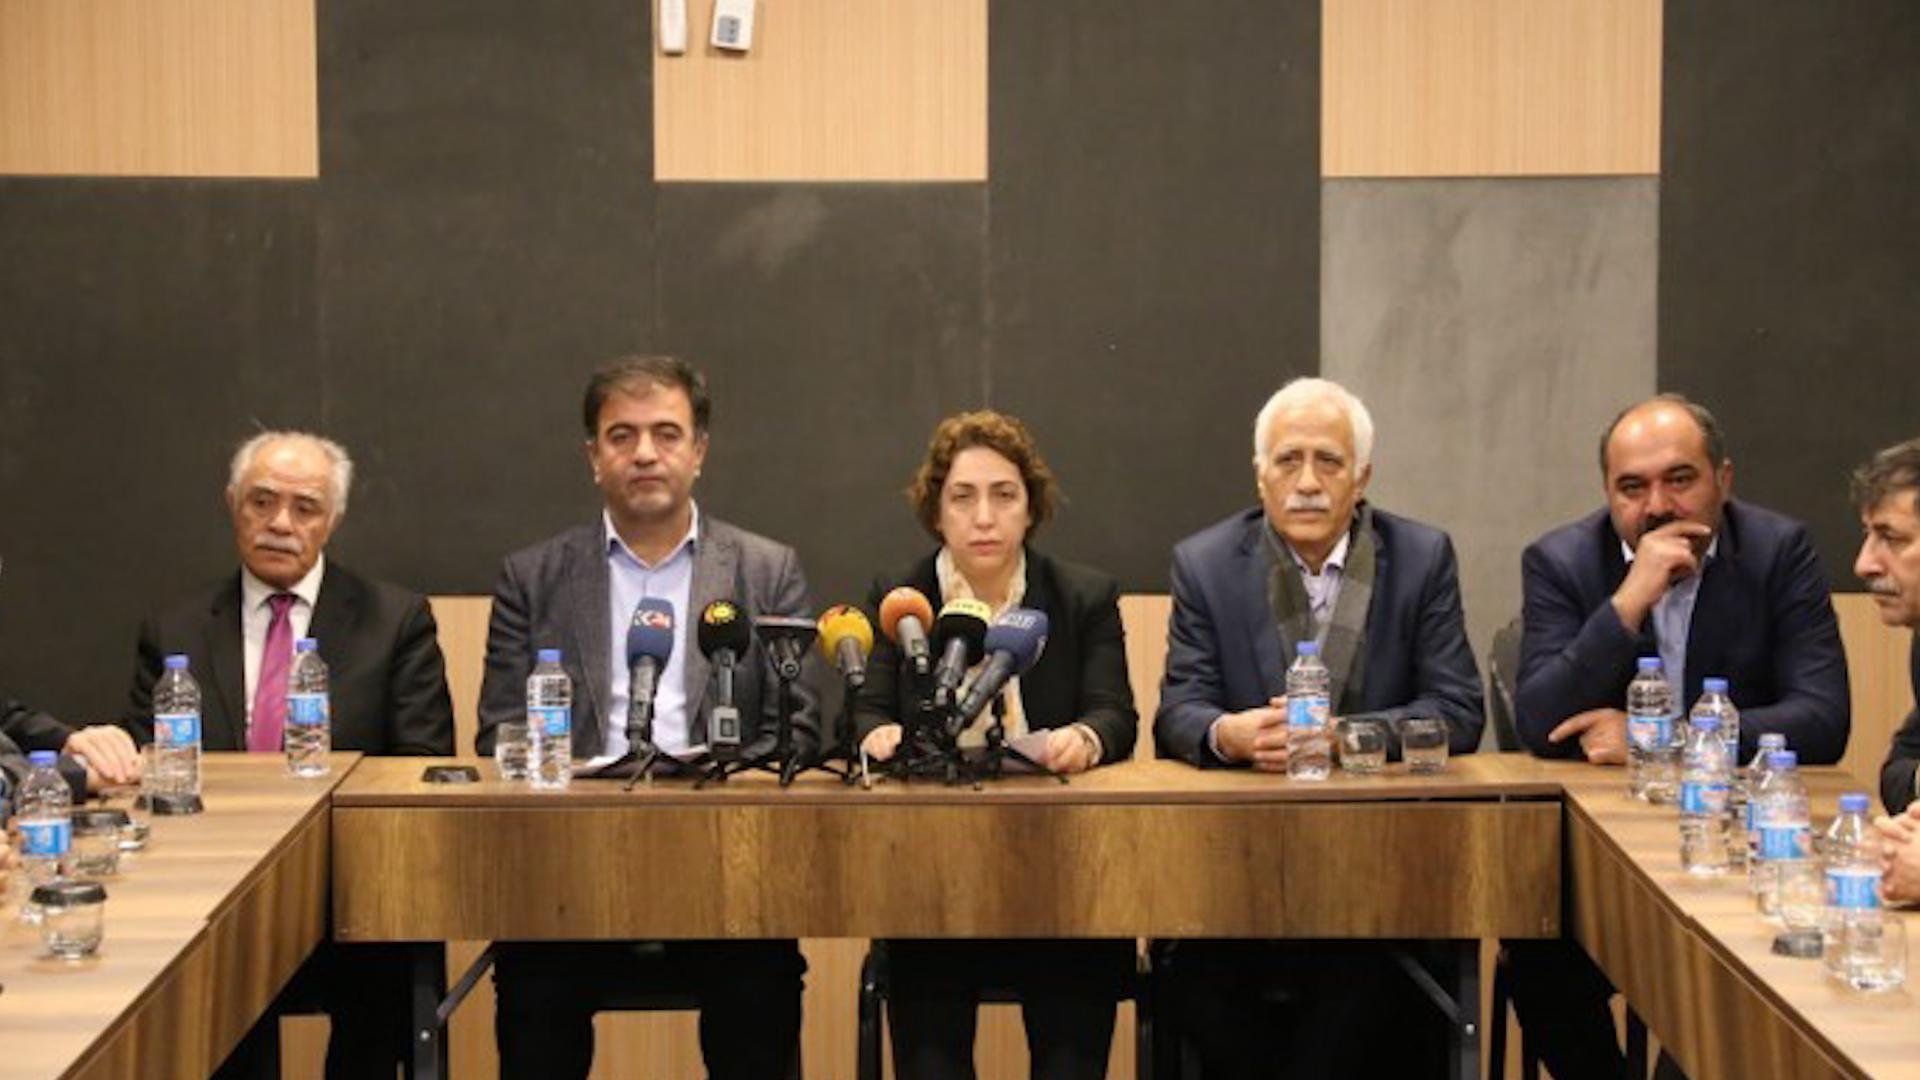 """Photo of Partiyên Li Bakûrê Kurdistanê """"Xebata Tifaqa Kurdistanî"""" saz kirin"""